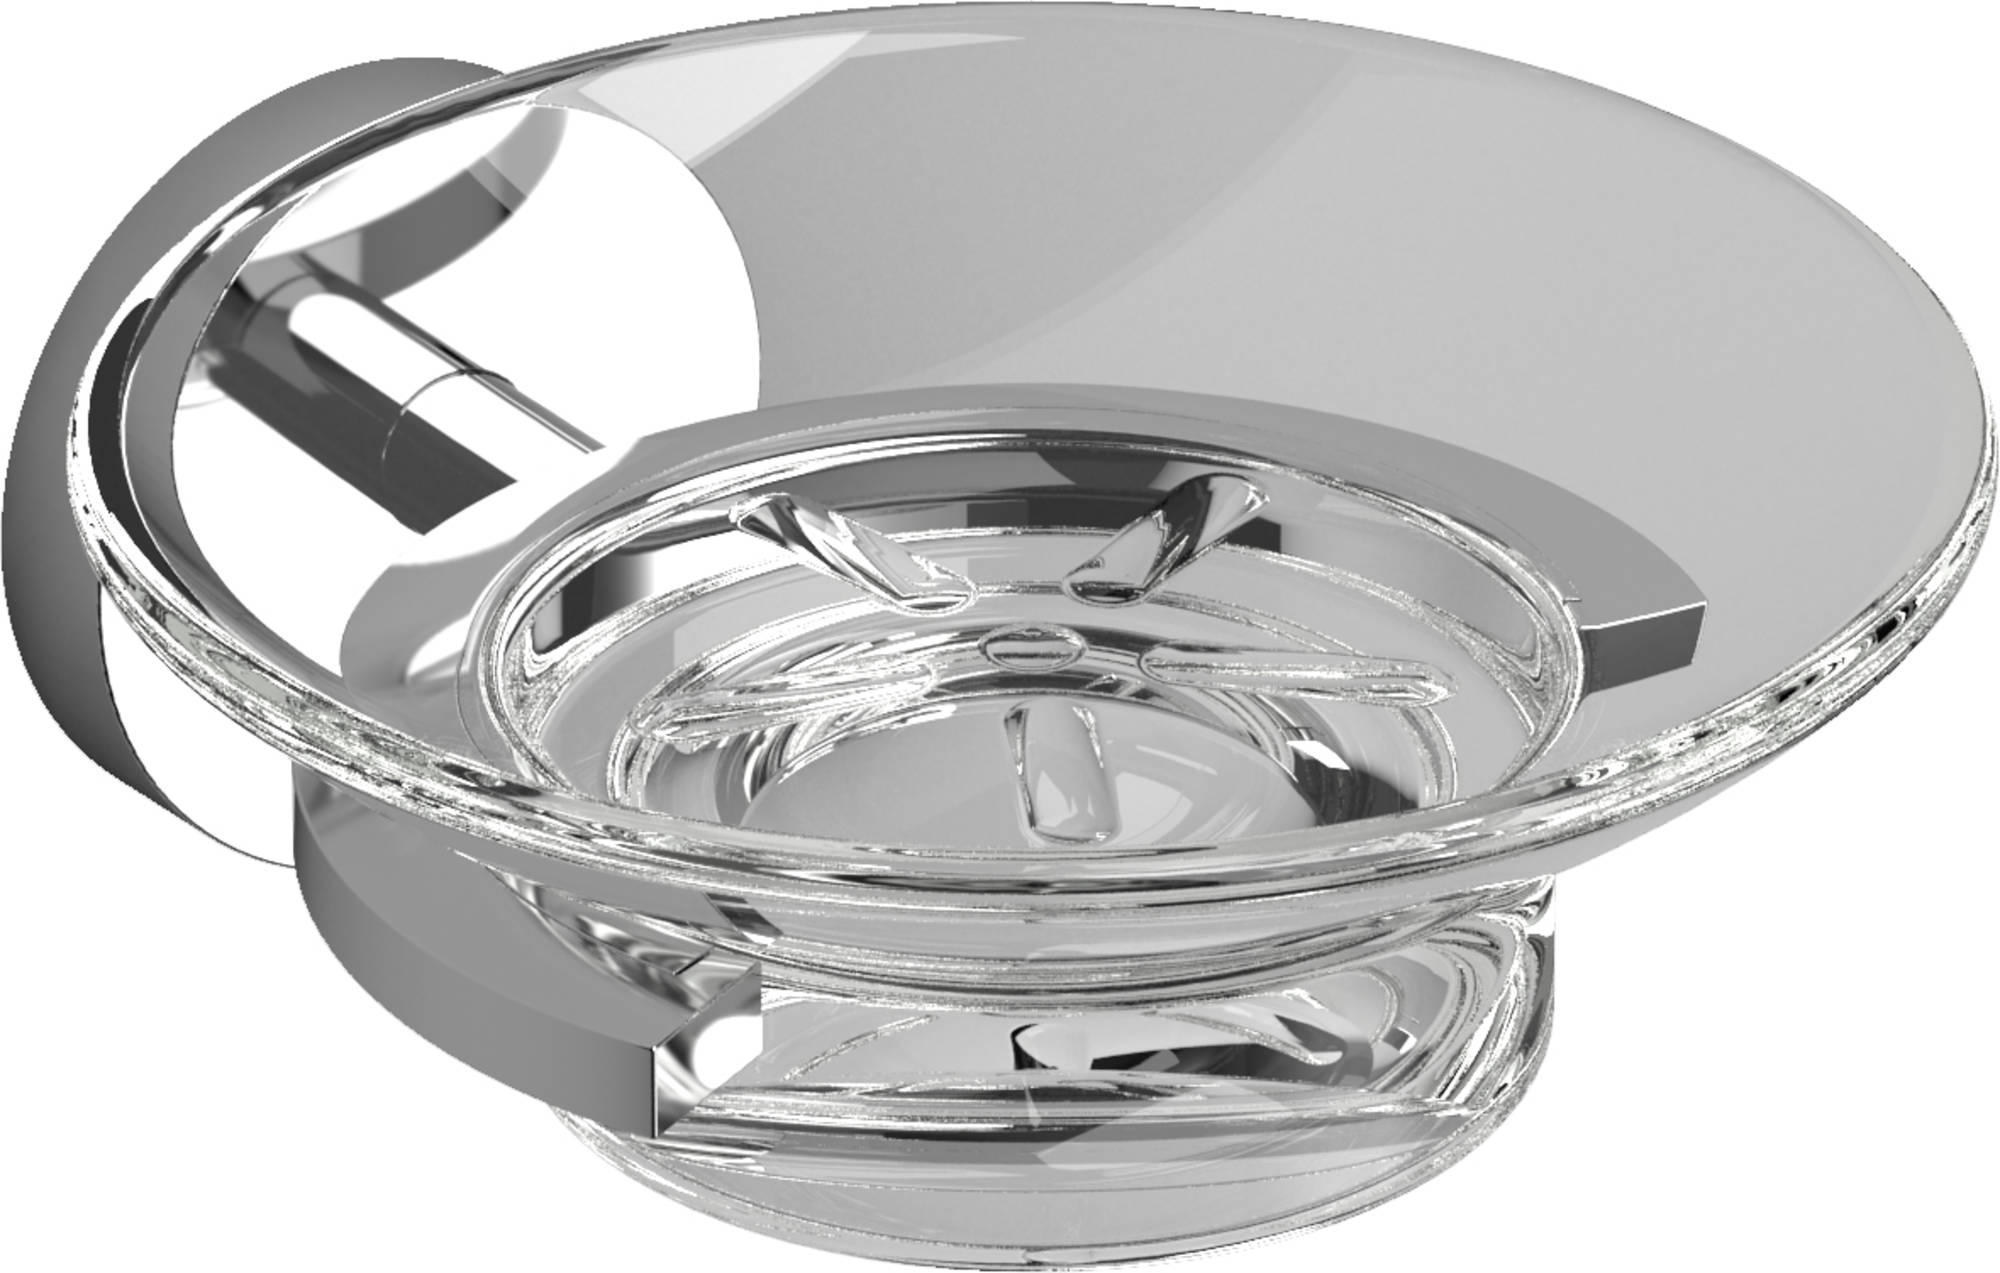 Clou Flat Zeepschaal 11x12,5x5 cm Helder Glas/Chroom